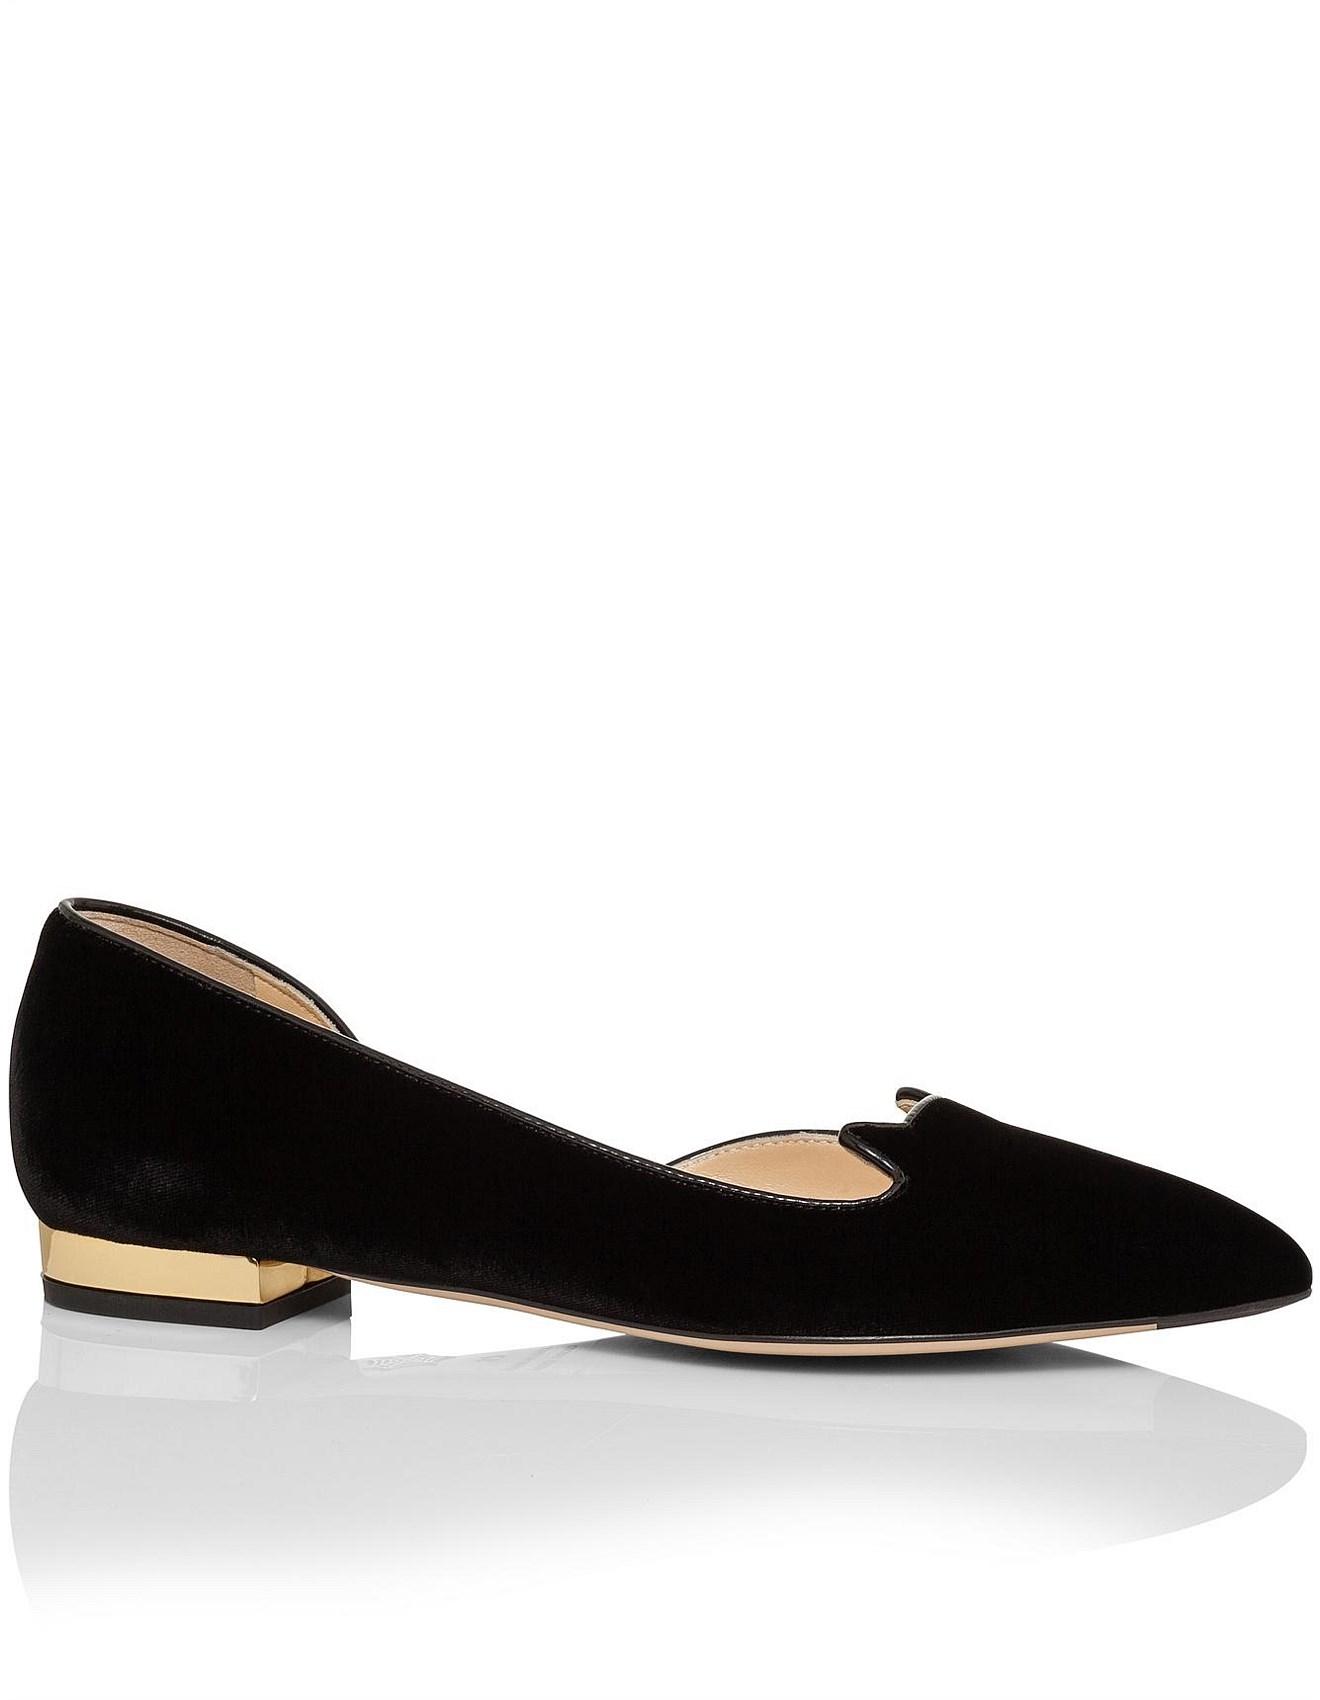 79e3c6c3282dd1 Women's Shoes Sale | Buy Ladies Shoes Online | David Jones - FELINE ...